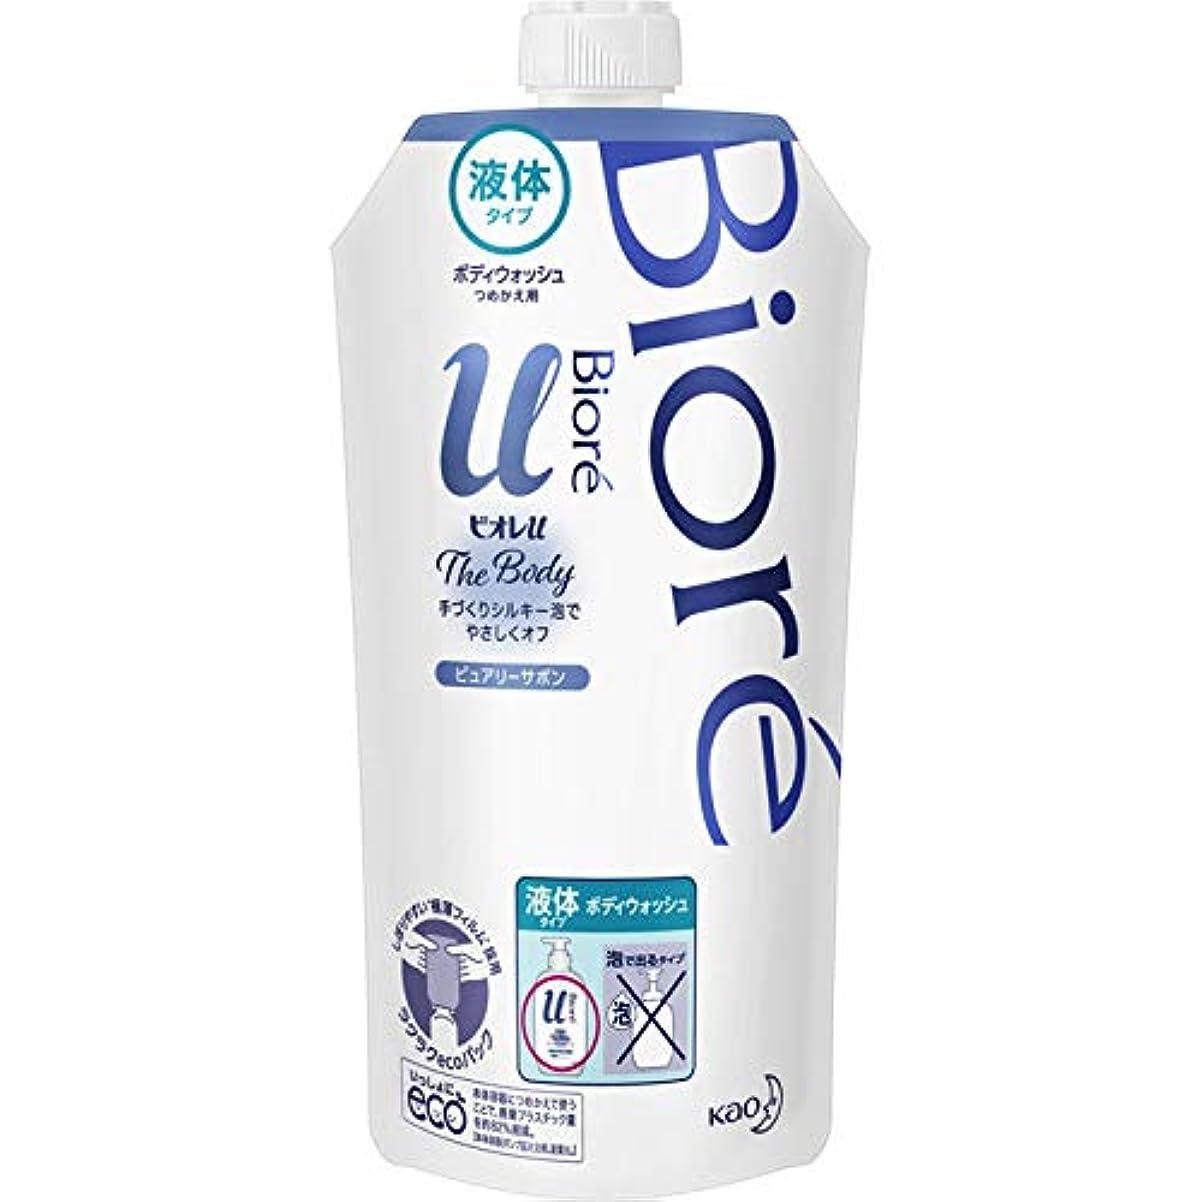 耐久ブラウス苛性花王 ビオレu ザ ボディ液体ピュアリーサボンの香り 詰替え用 340ml